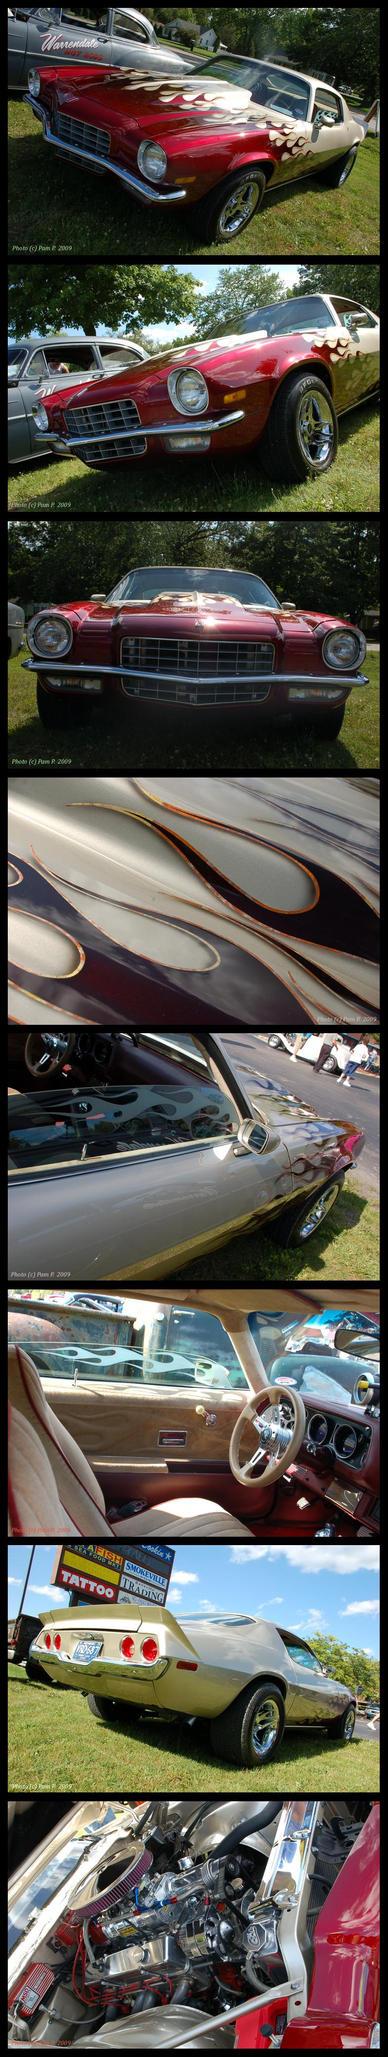 Supercharged 73 Camaro by ladylucrezia